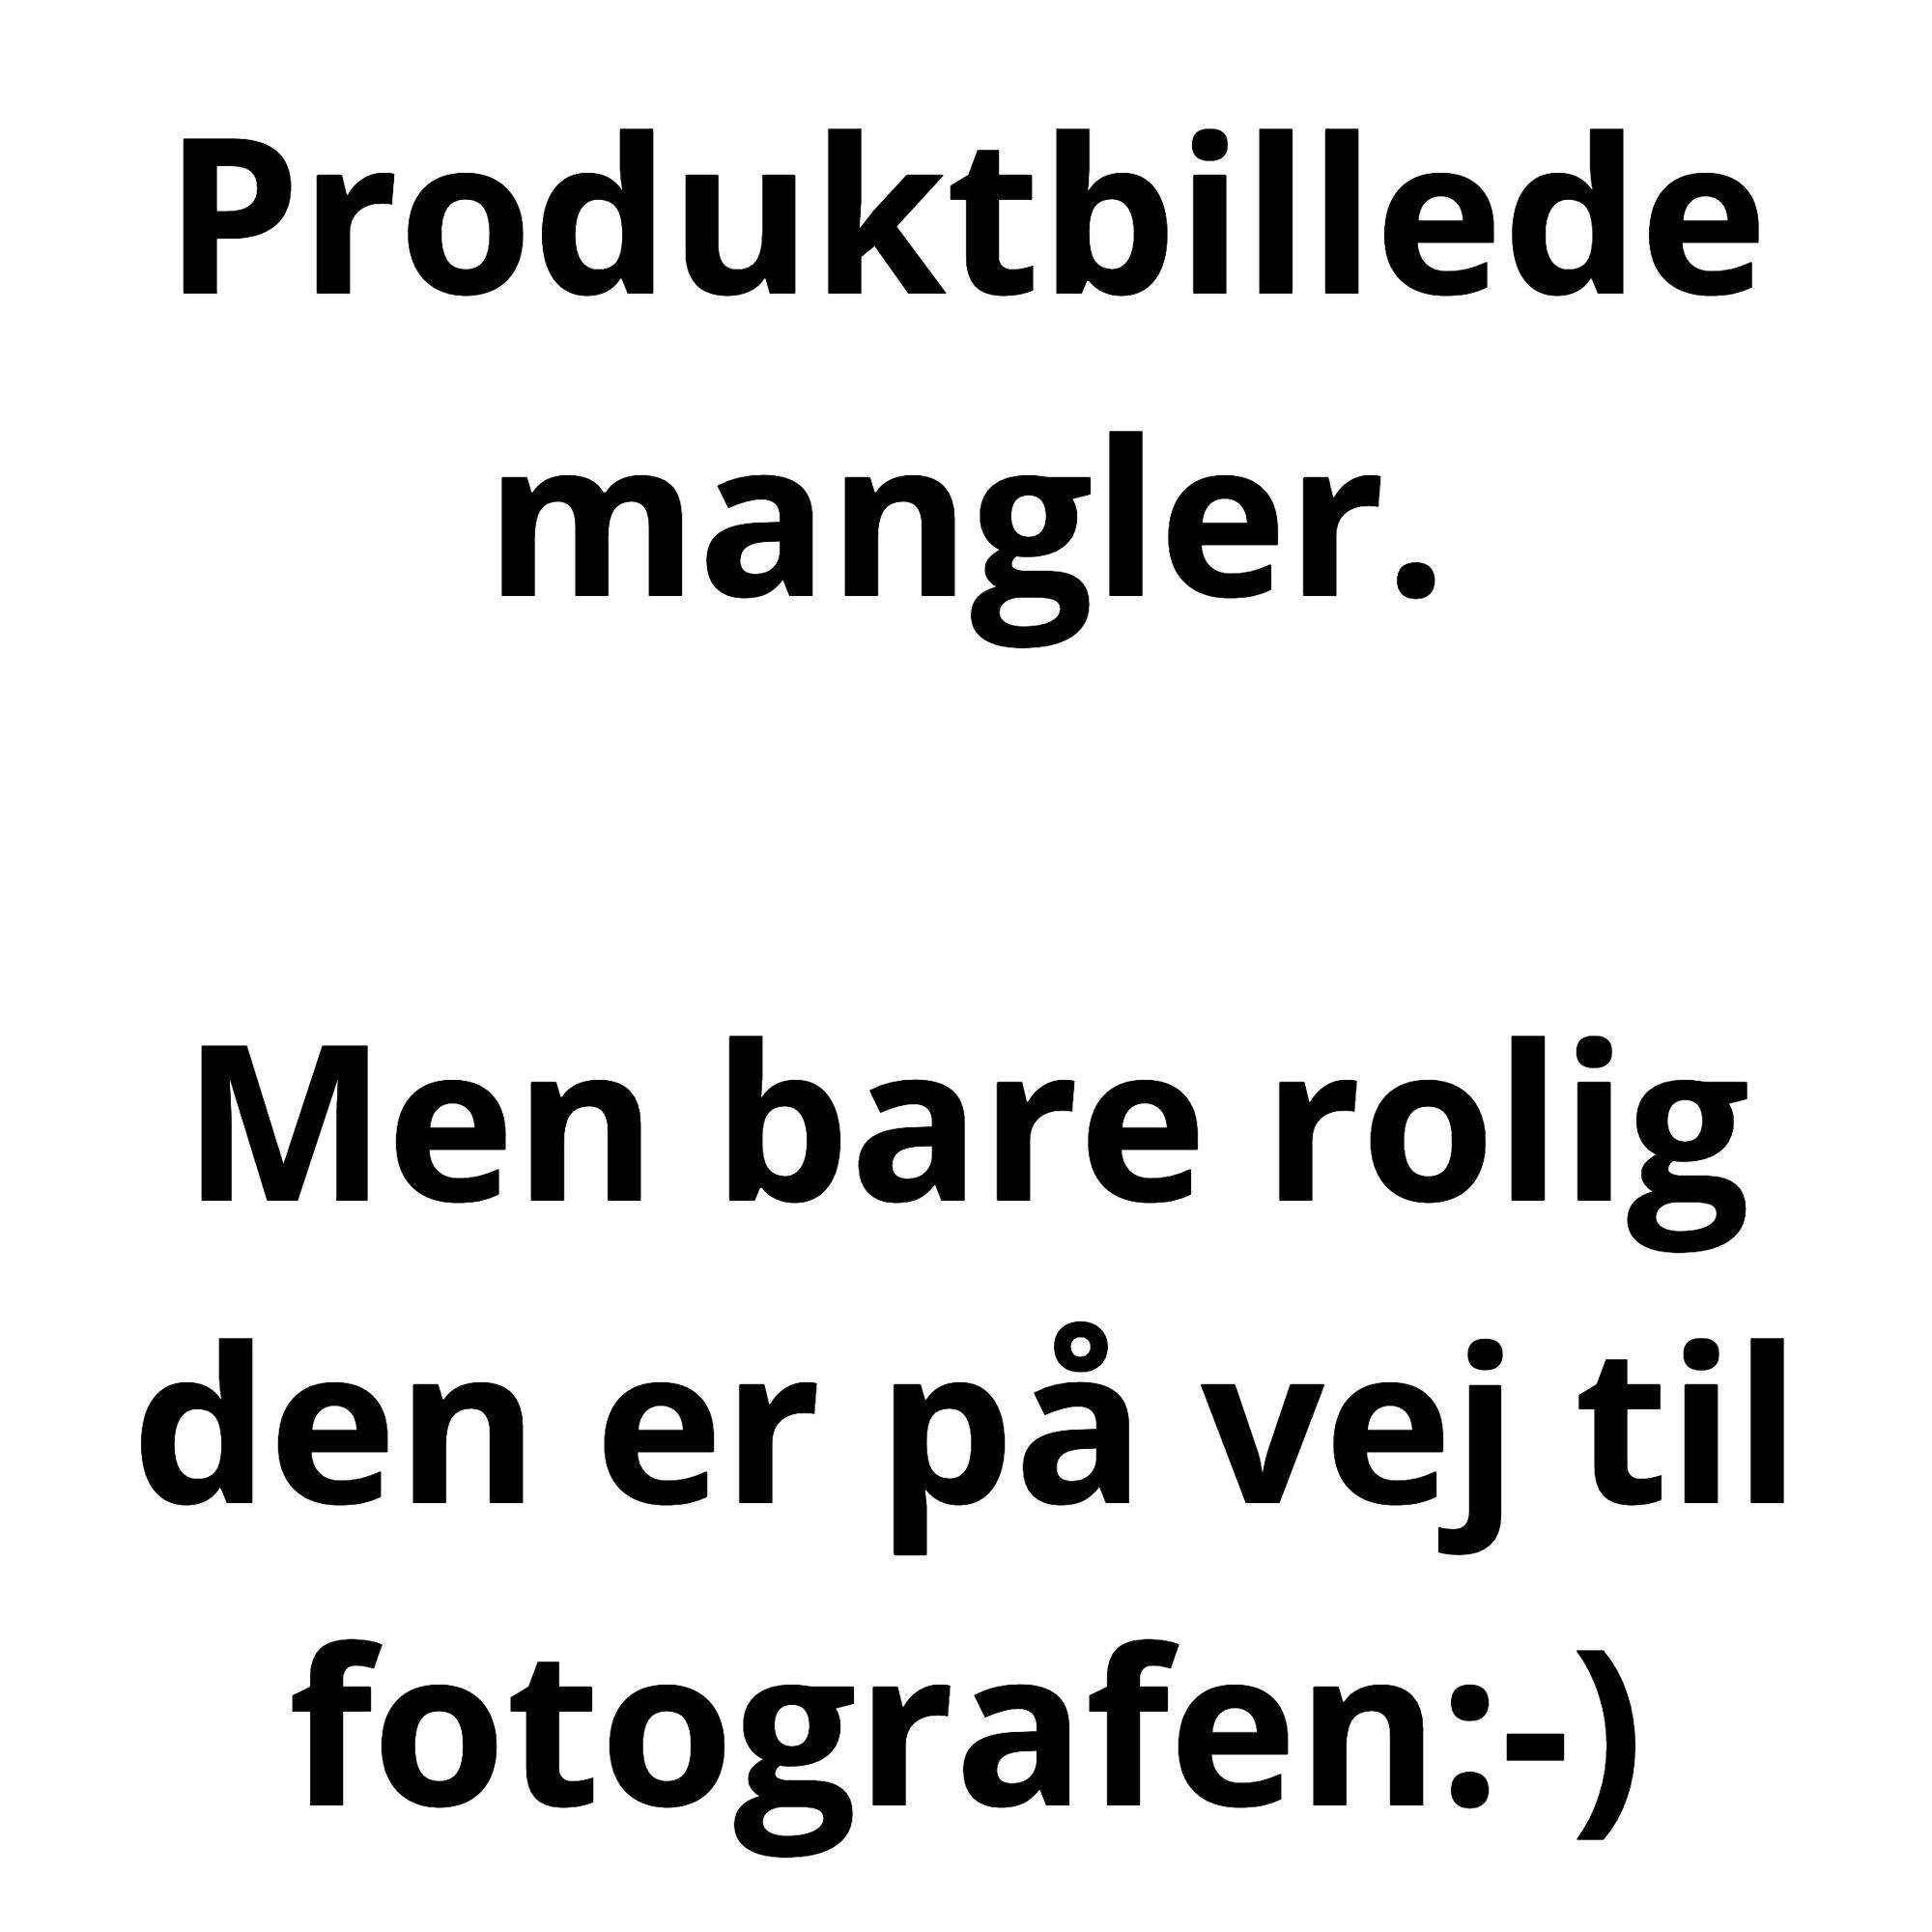 Brodit Passiv mobilholder til Apple iPhone 5/5S/5C m. Beskyttelsescover - 511430